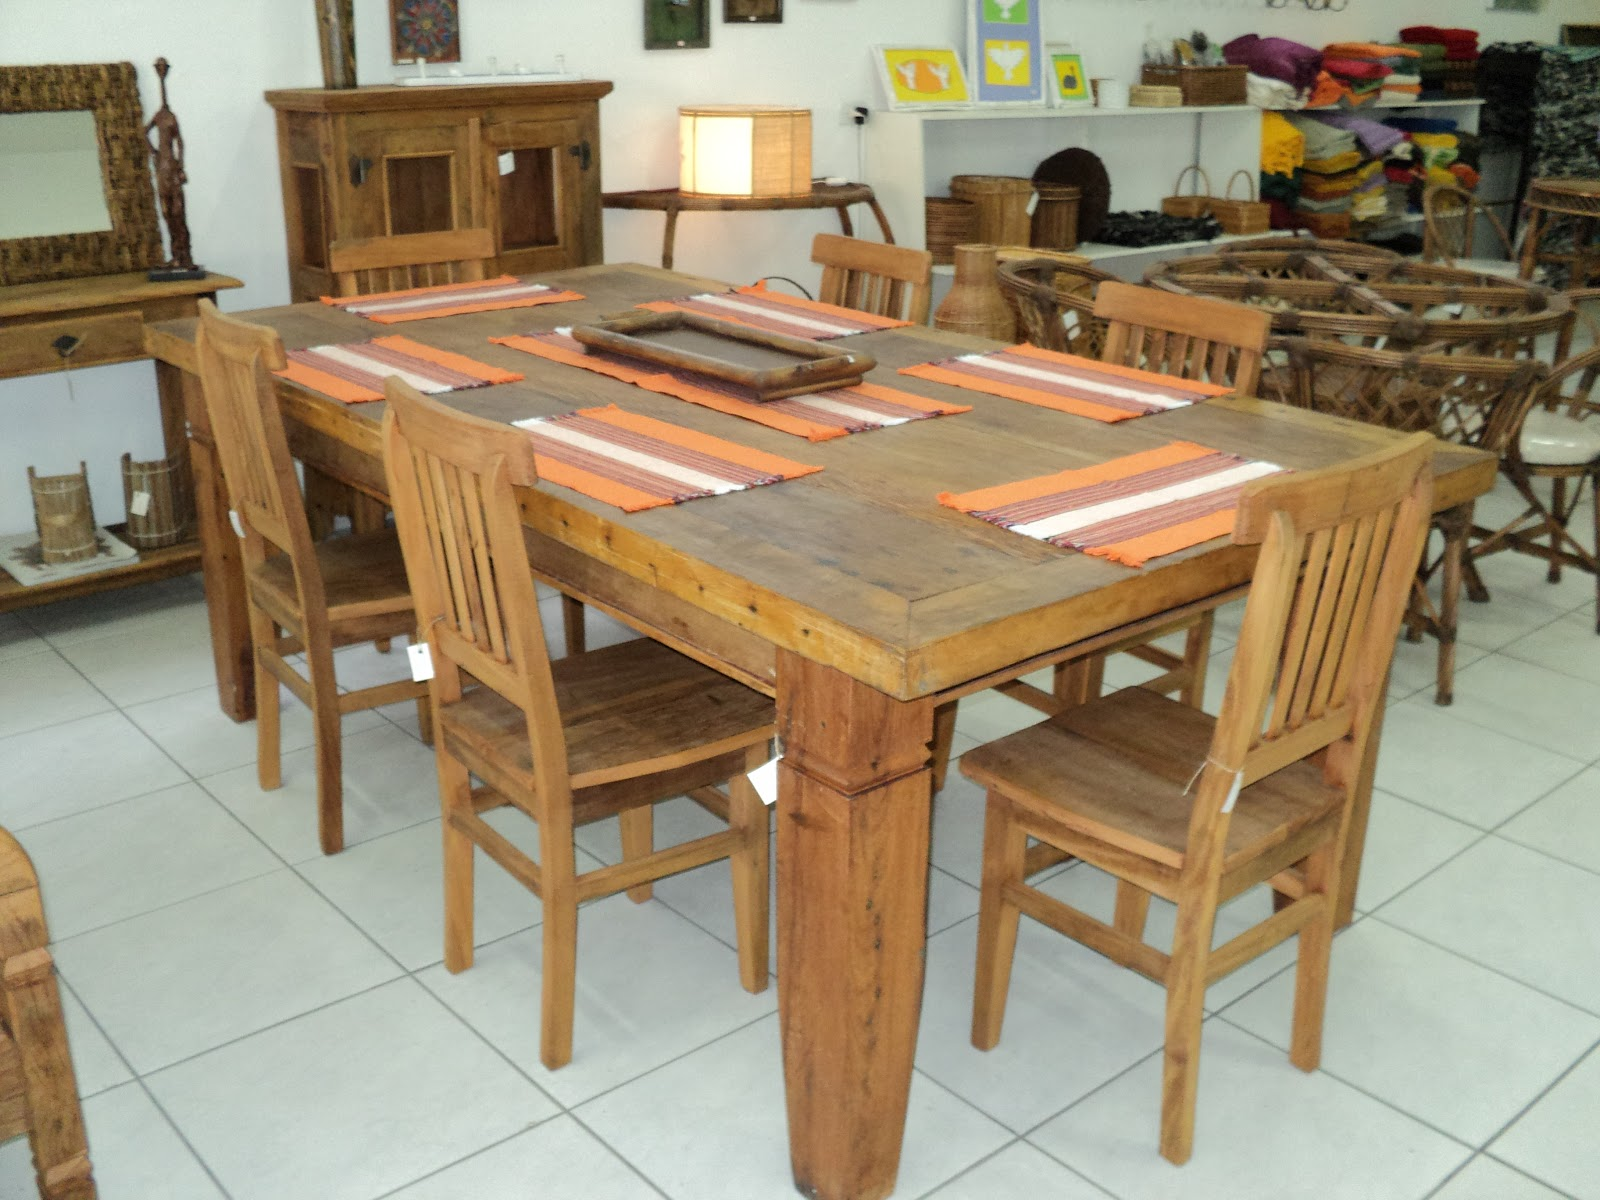 Casa e Arte: mesa em madeira de demolição 2 20x1 20 #936838 1600x1200